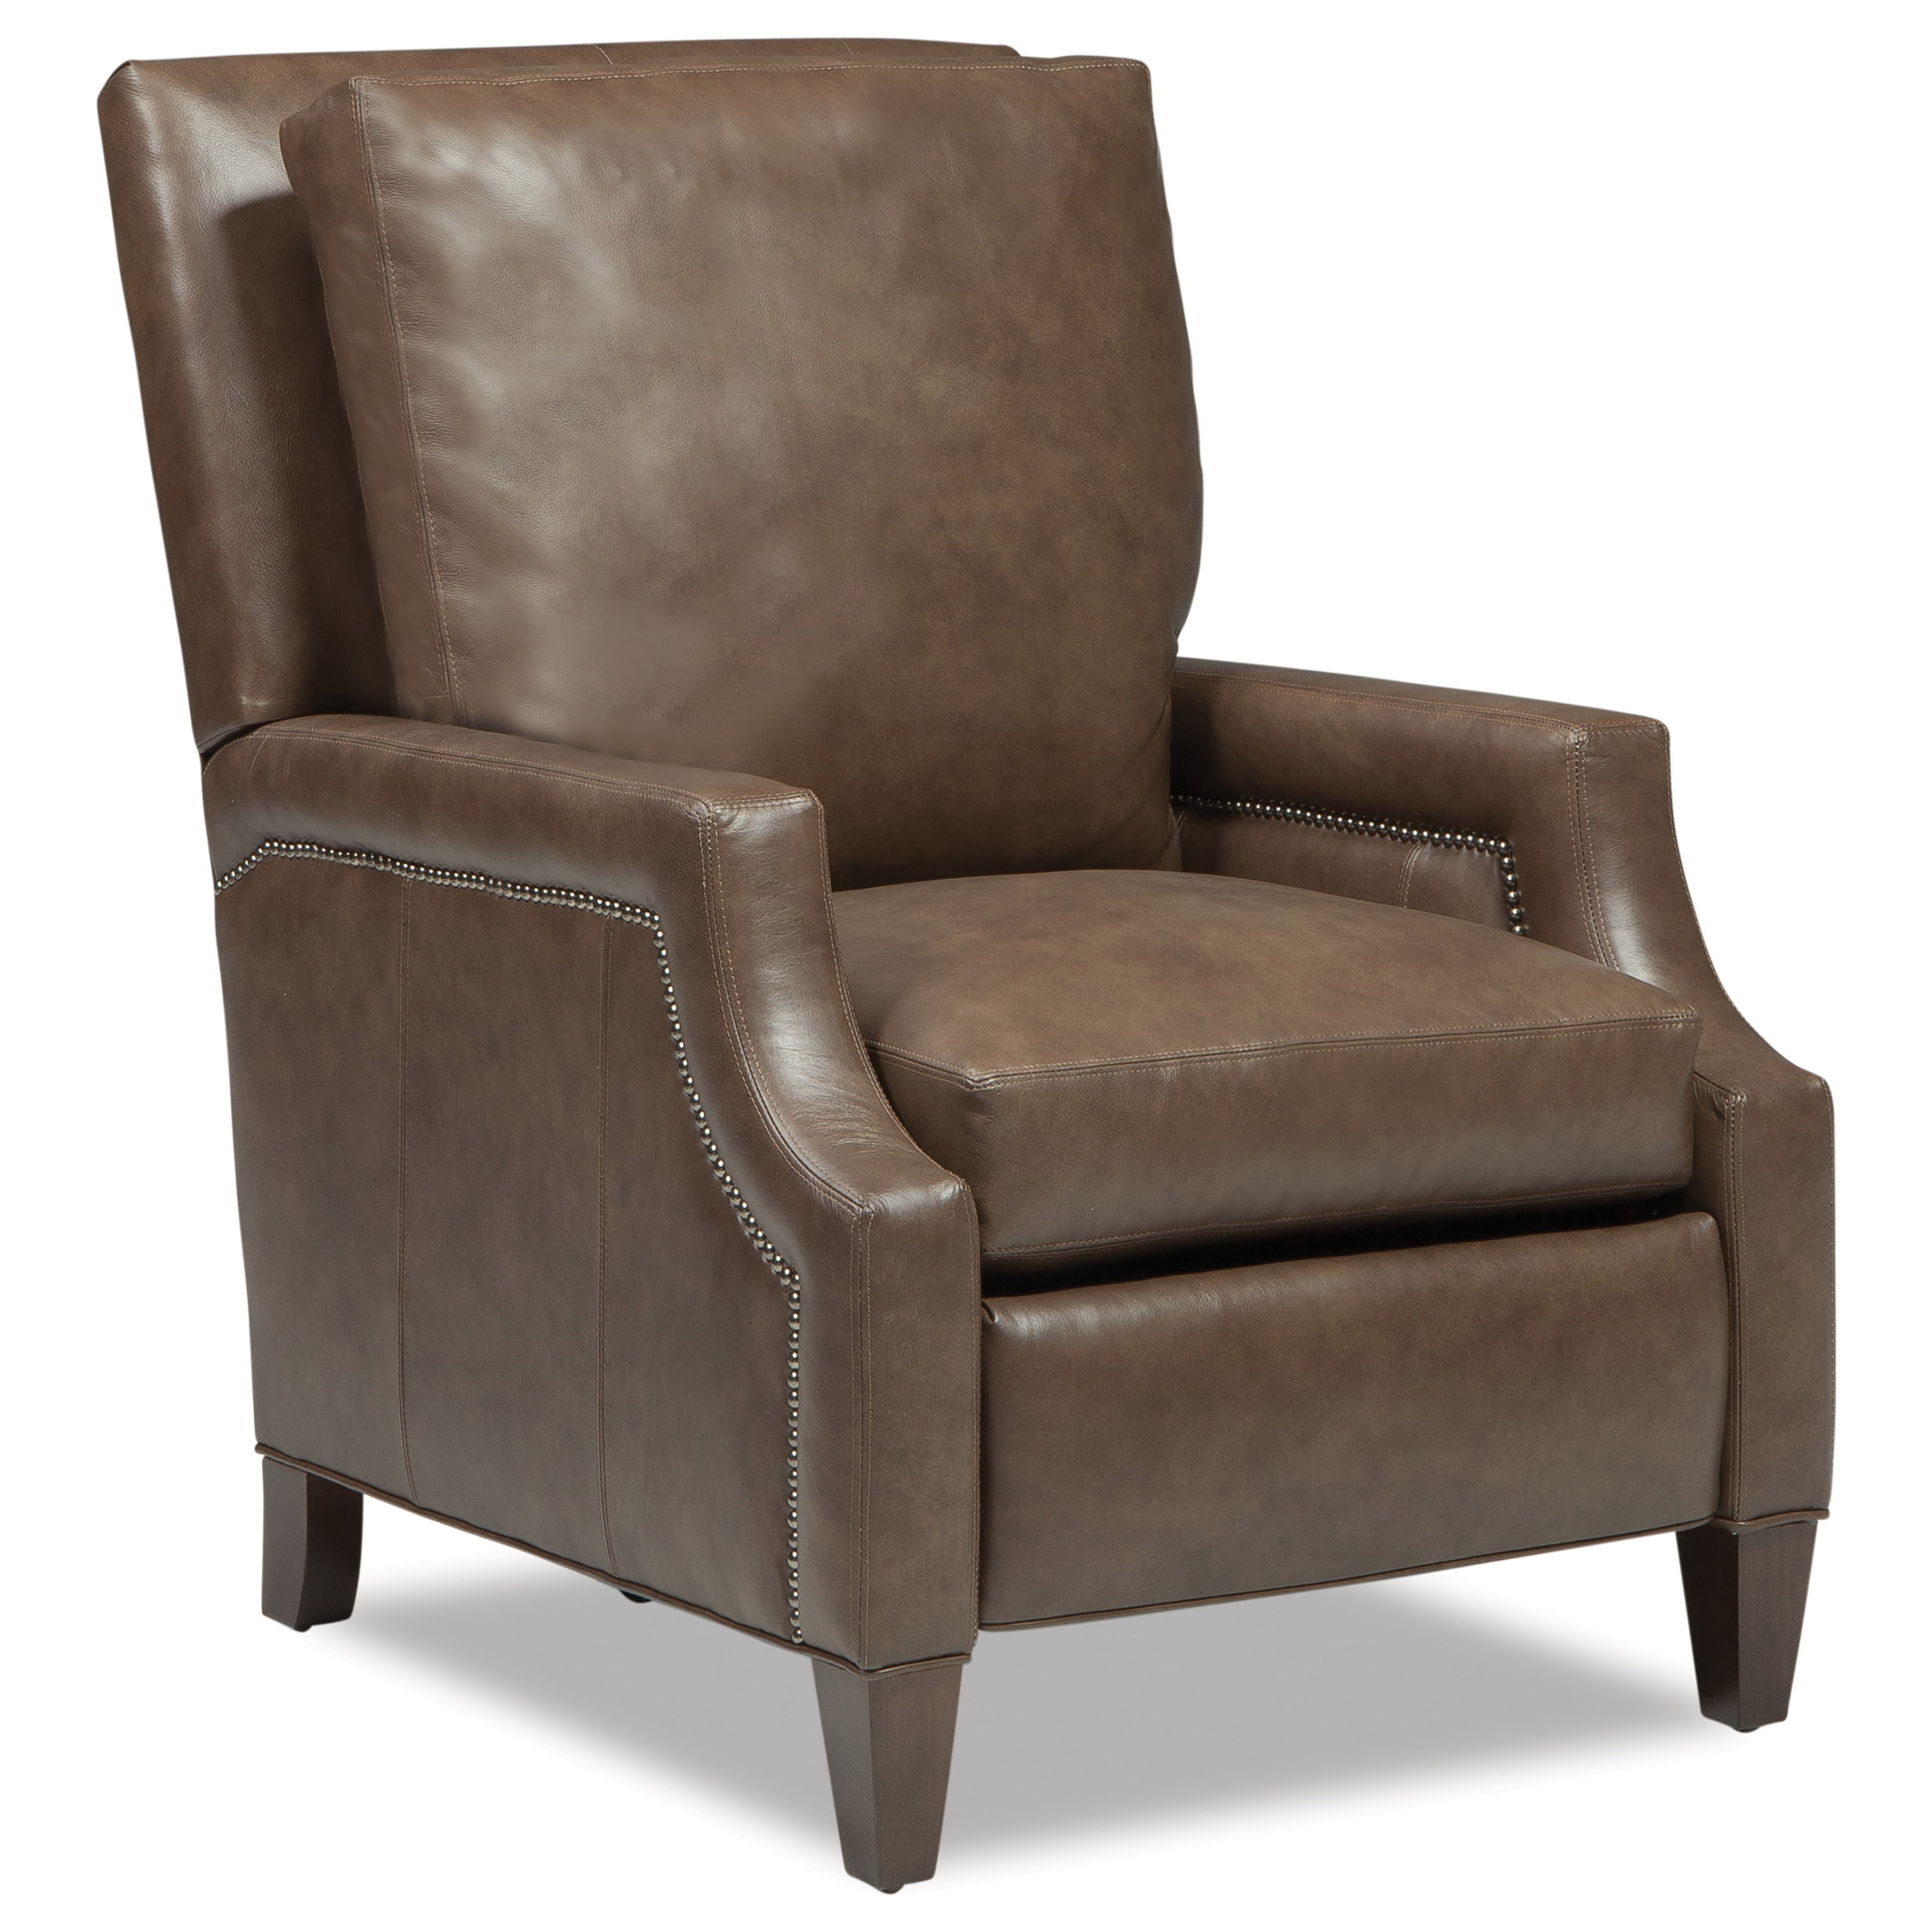 8103 Power High Leg Recliner by Geoffrey Alexander at Sprintz Furniture